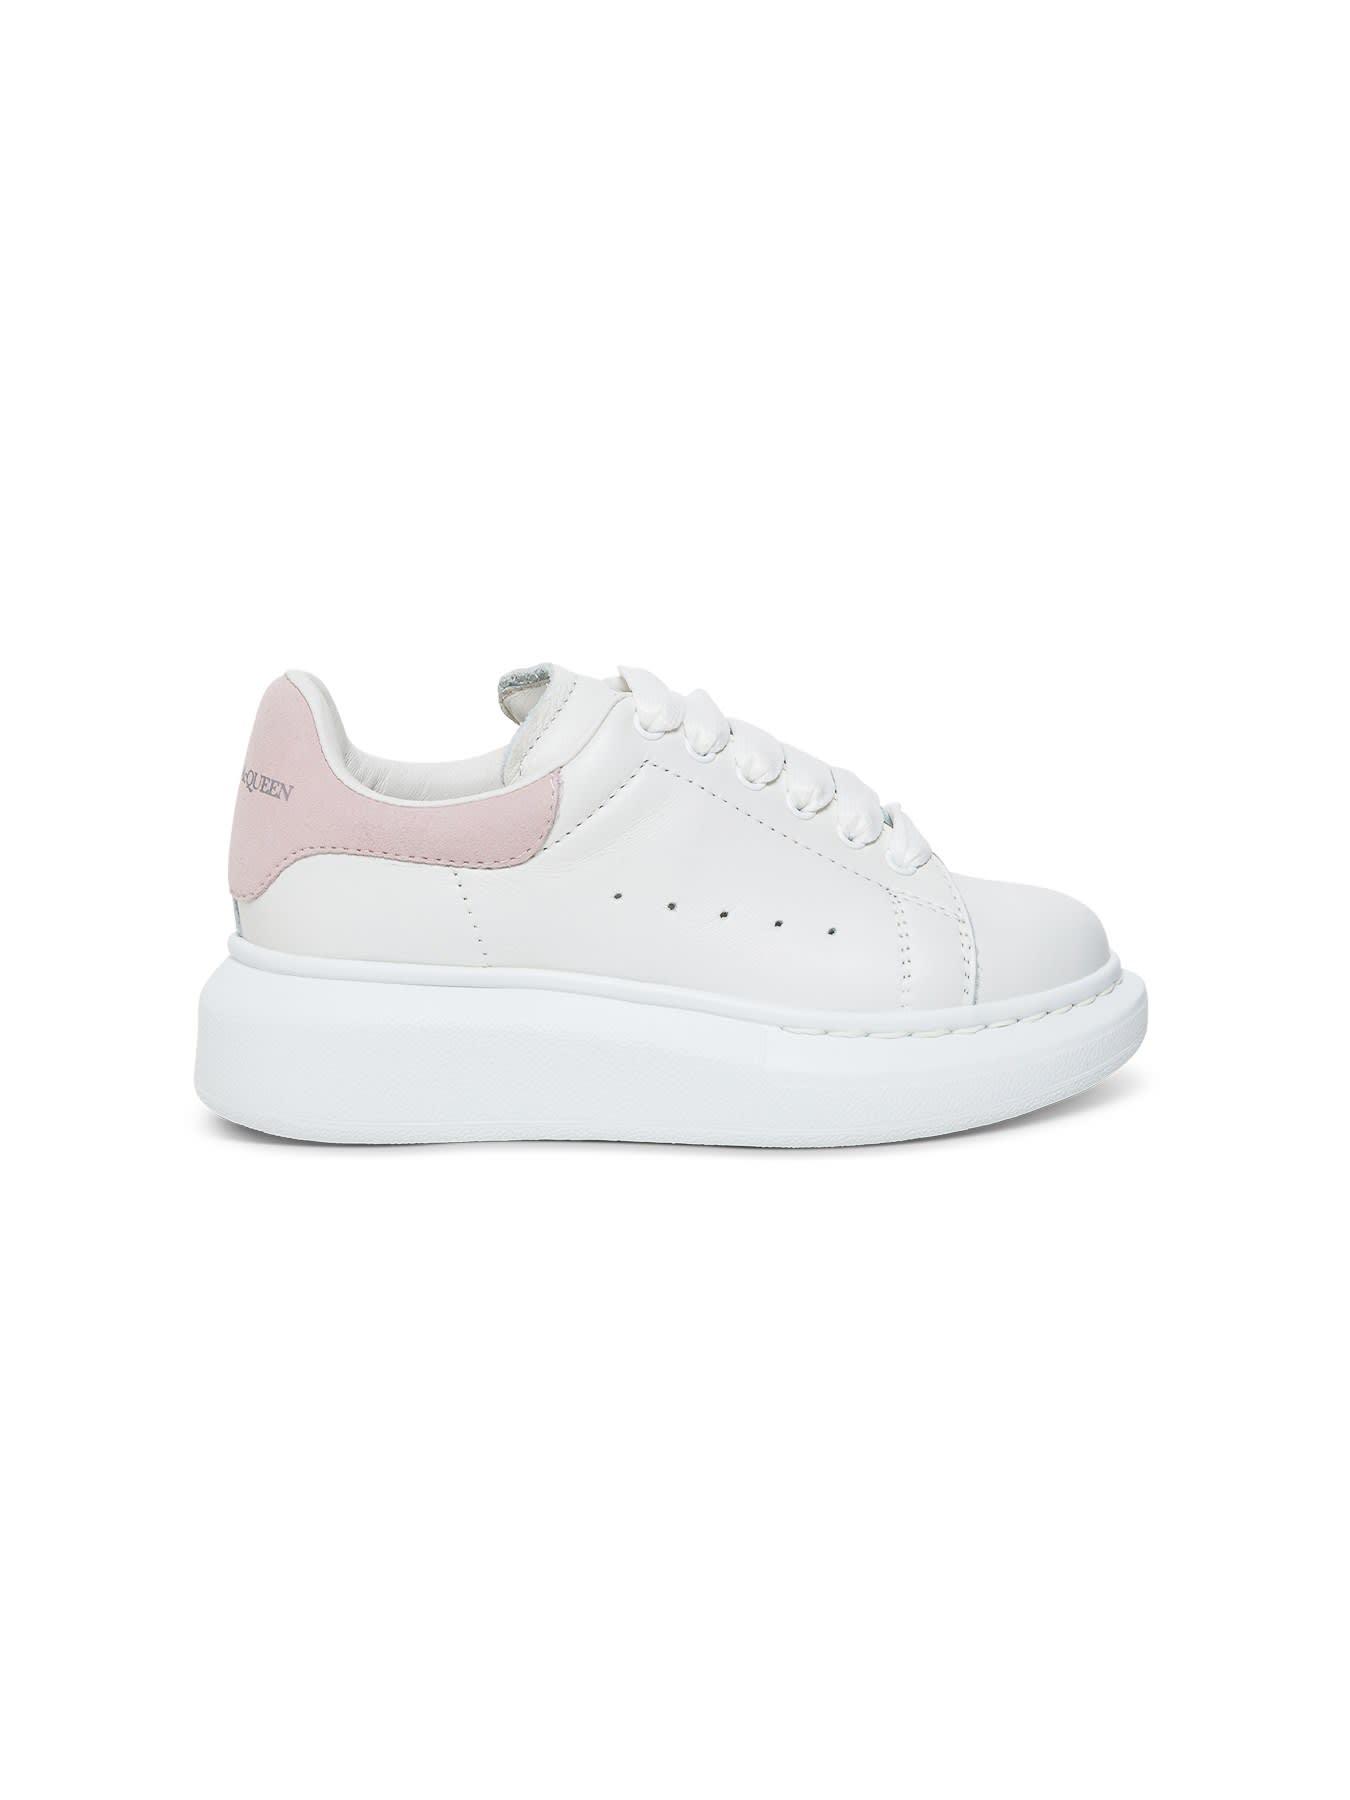 Alexander McQueen Shoes   italist